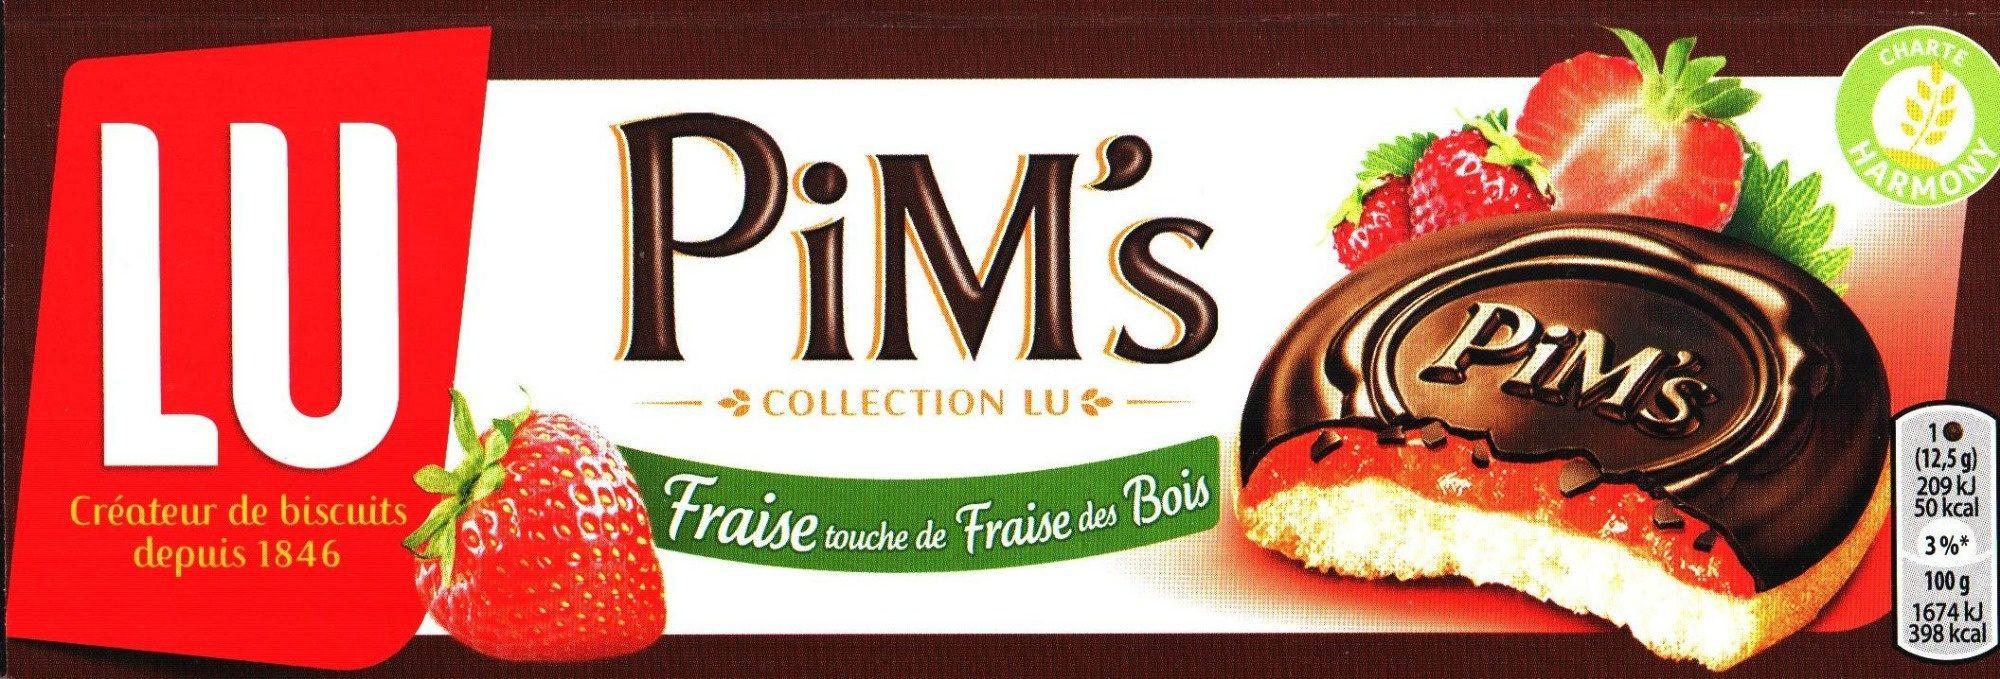 Pim's Fraise touche de Fraise des Bois - Product